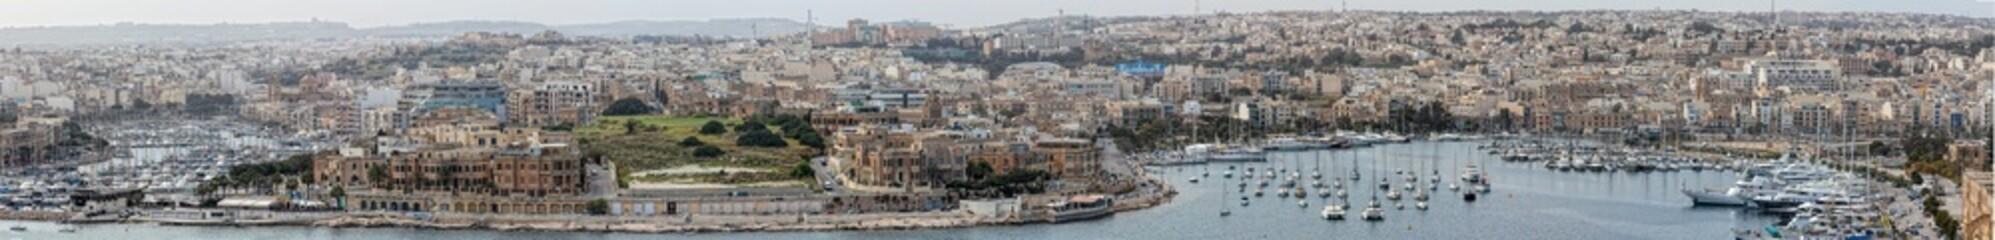 Ta' Xbiex Panorama